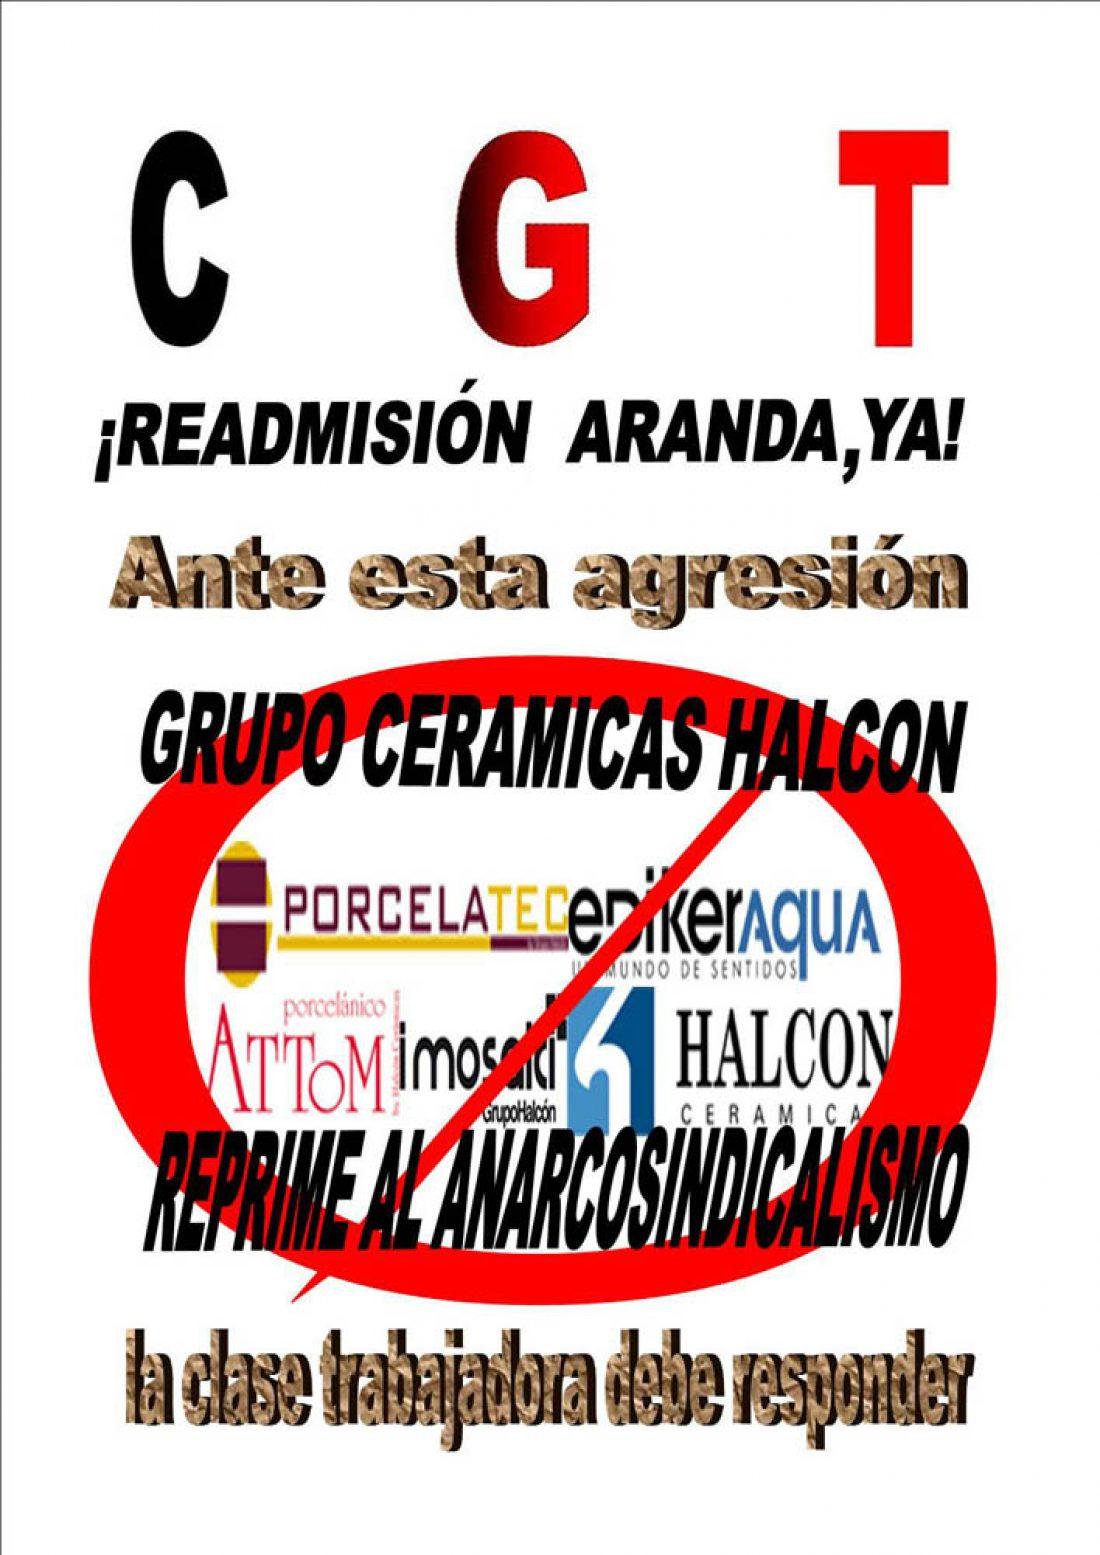 Por la readmisión del compañero Vicente Aranda, despedido por Cerámicas Halcón de Castellón